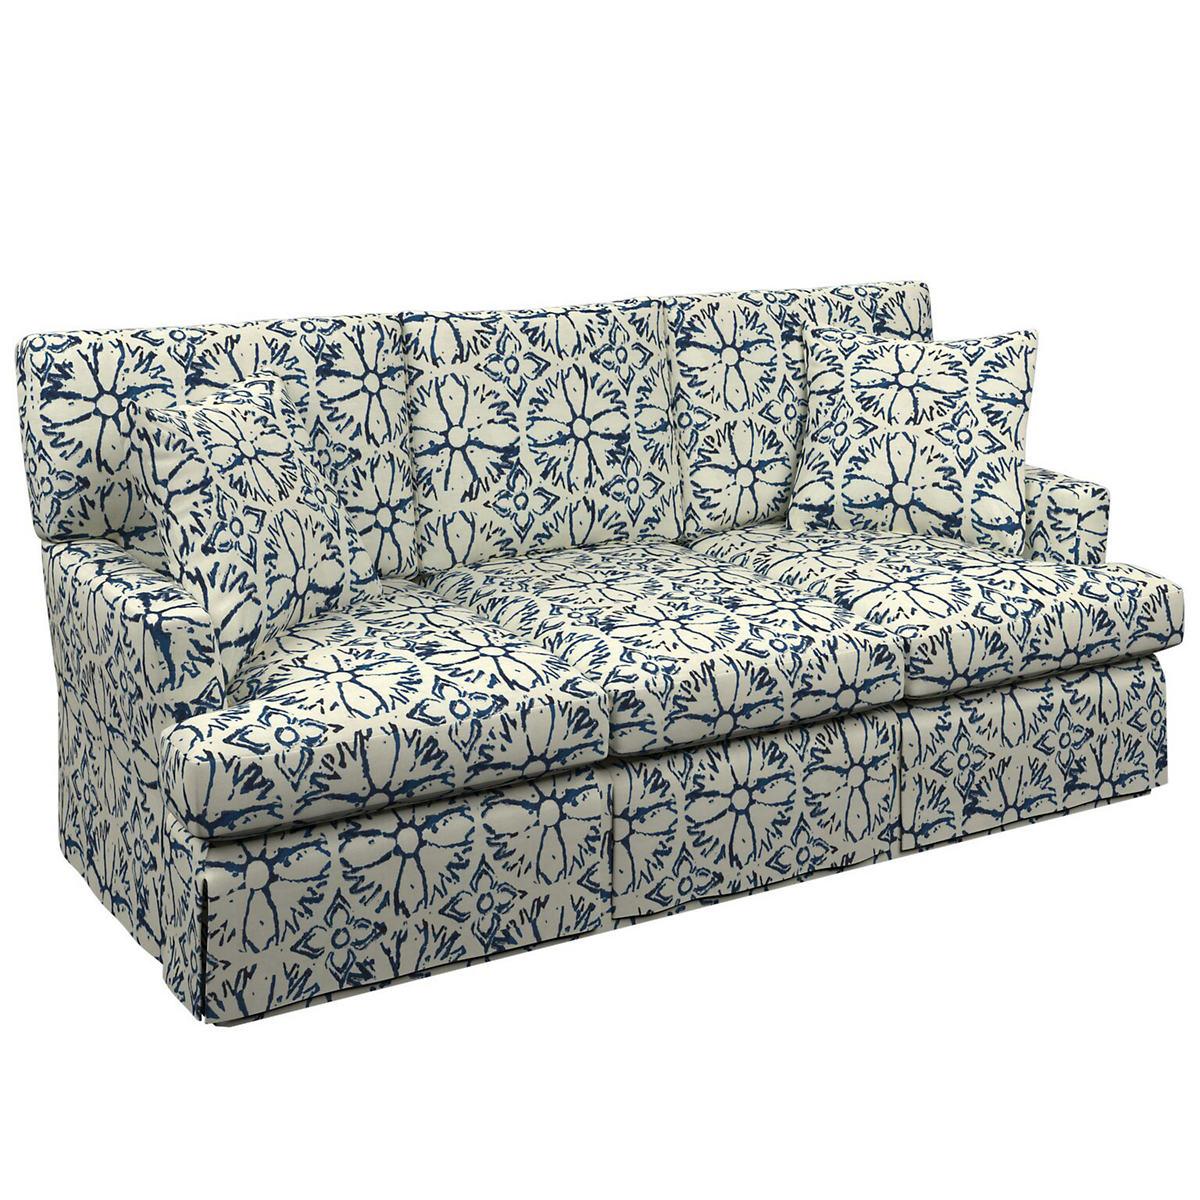 Aylin Linen Saybrook 3 Seater Sofa